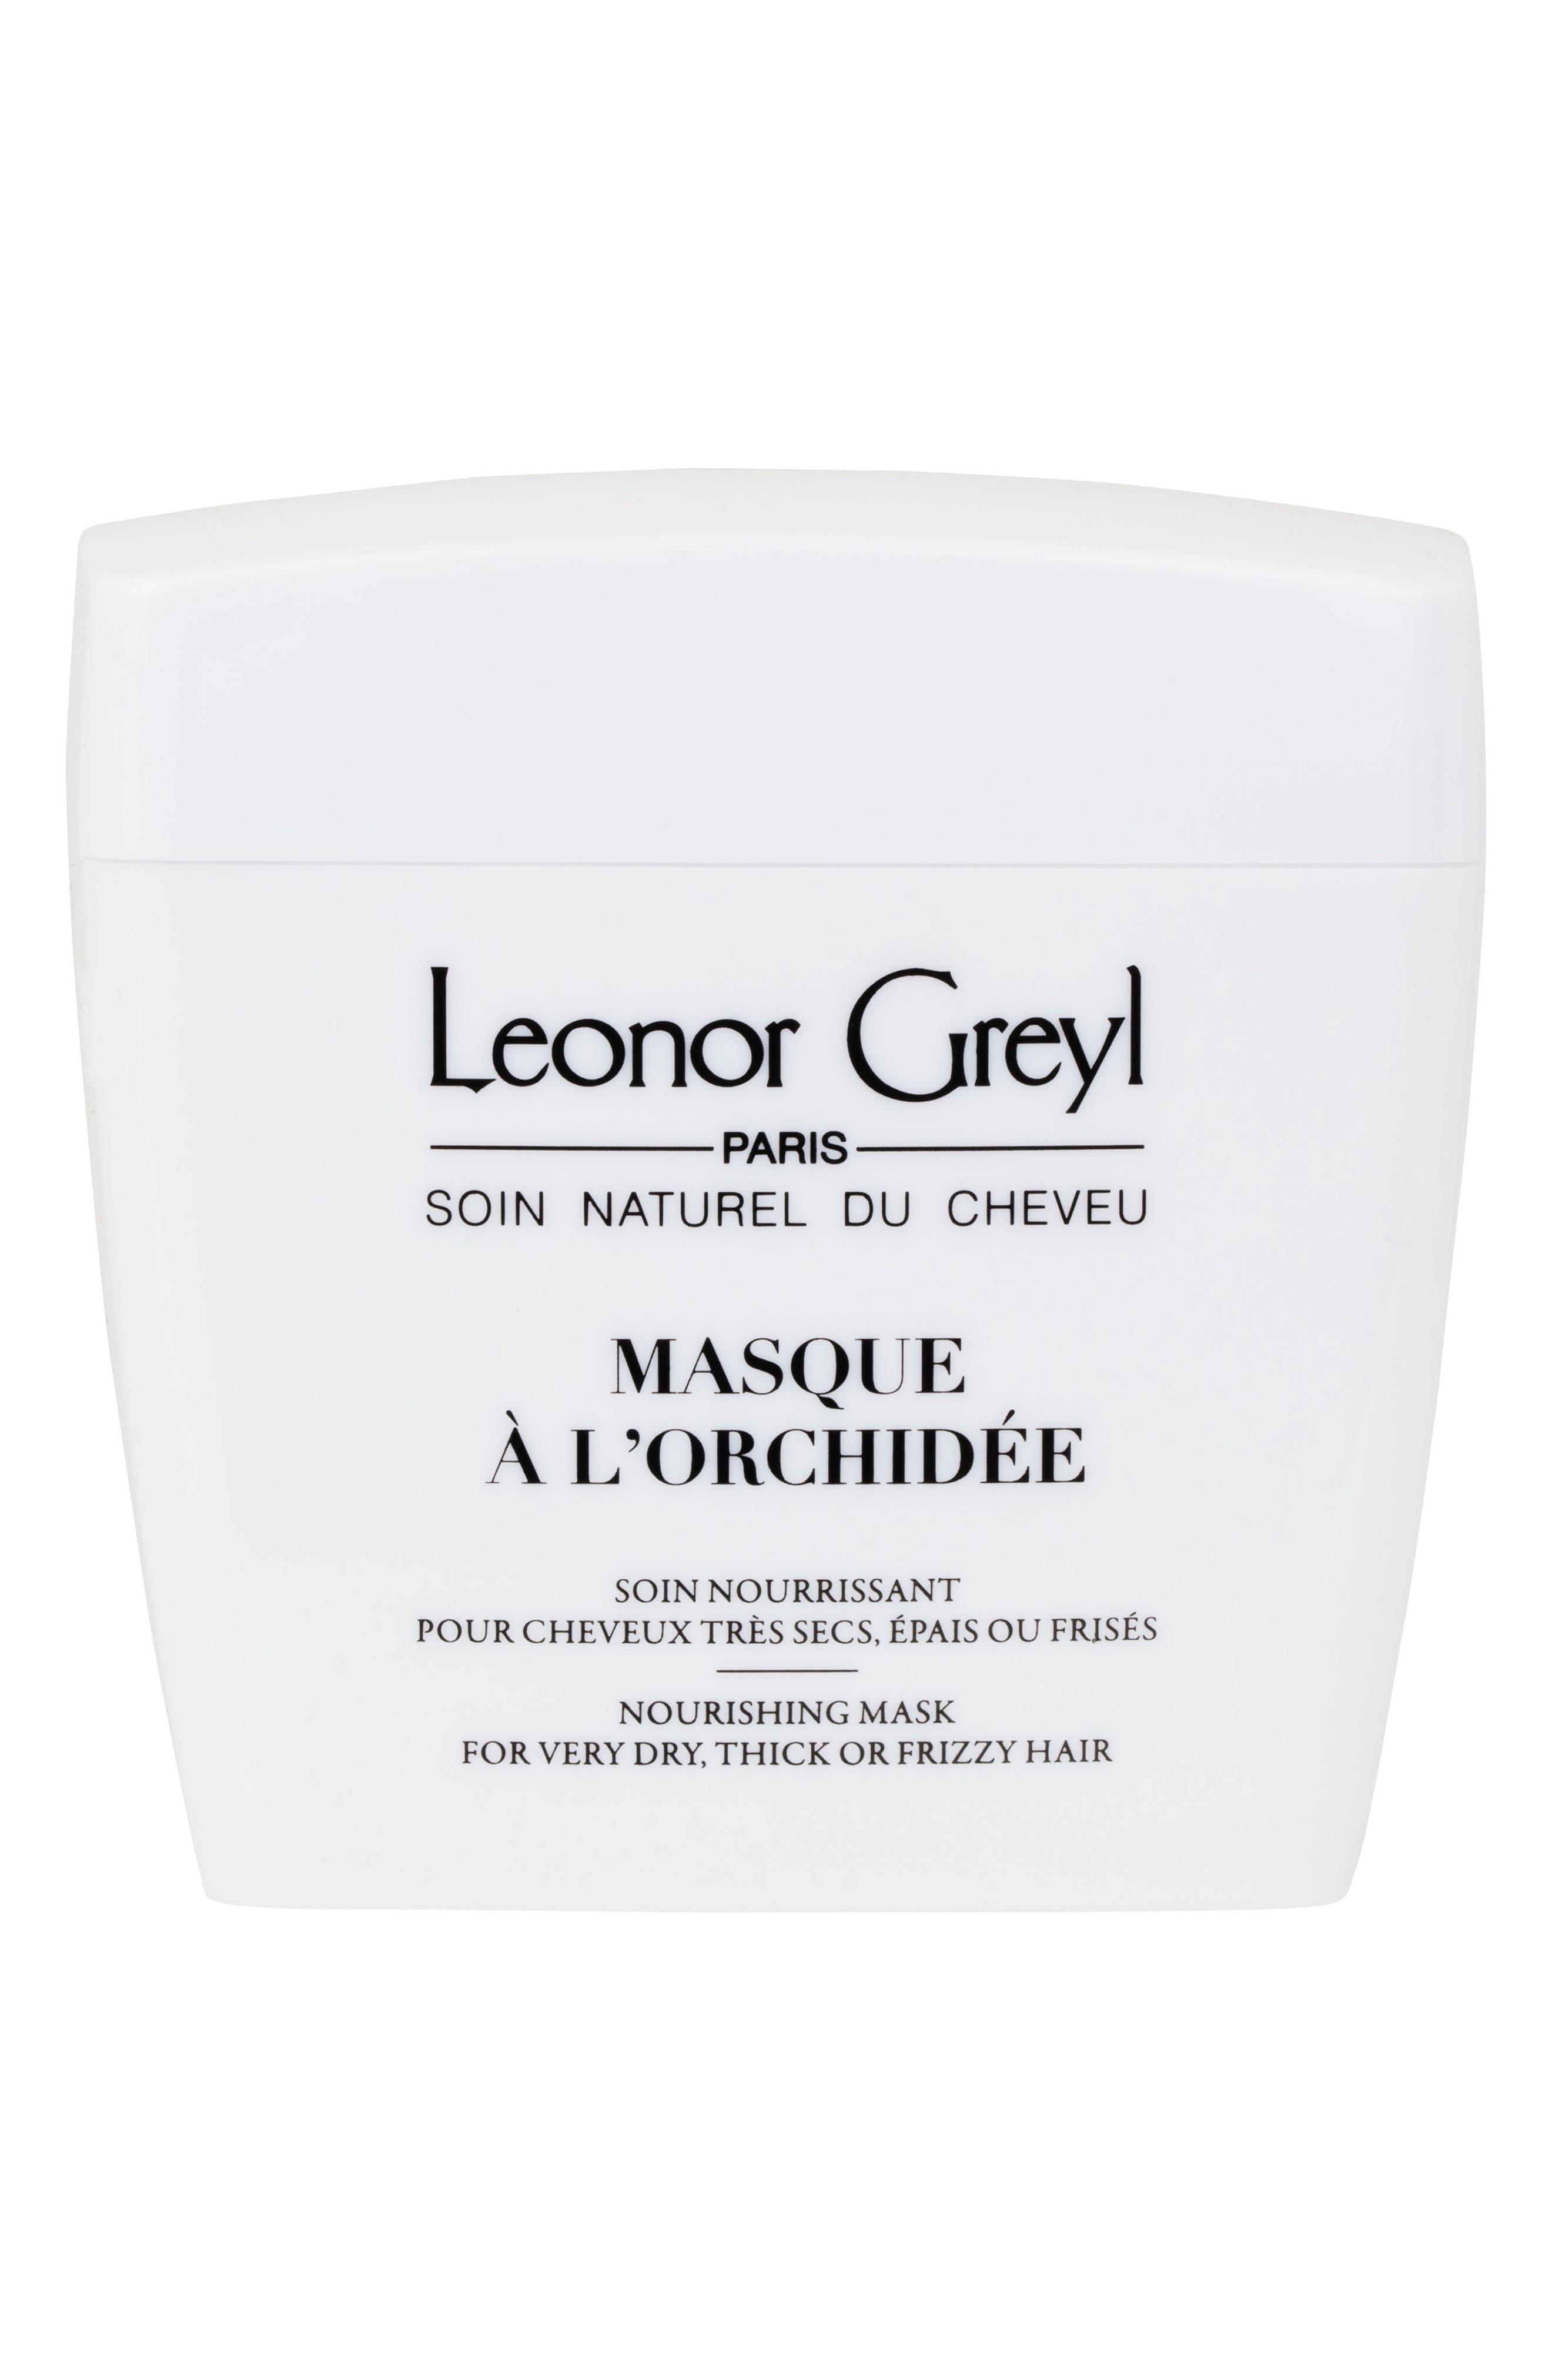 LEONOR GREYL PARIS 'Masque à l'Orchidée' Softening Hair